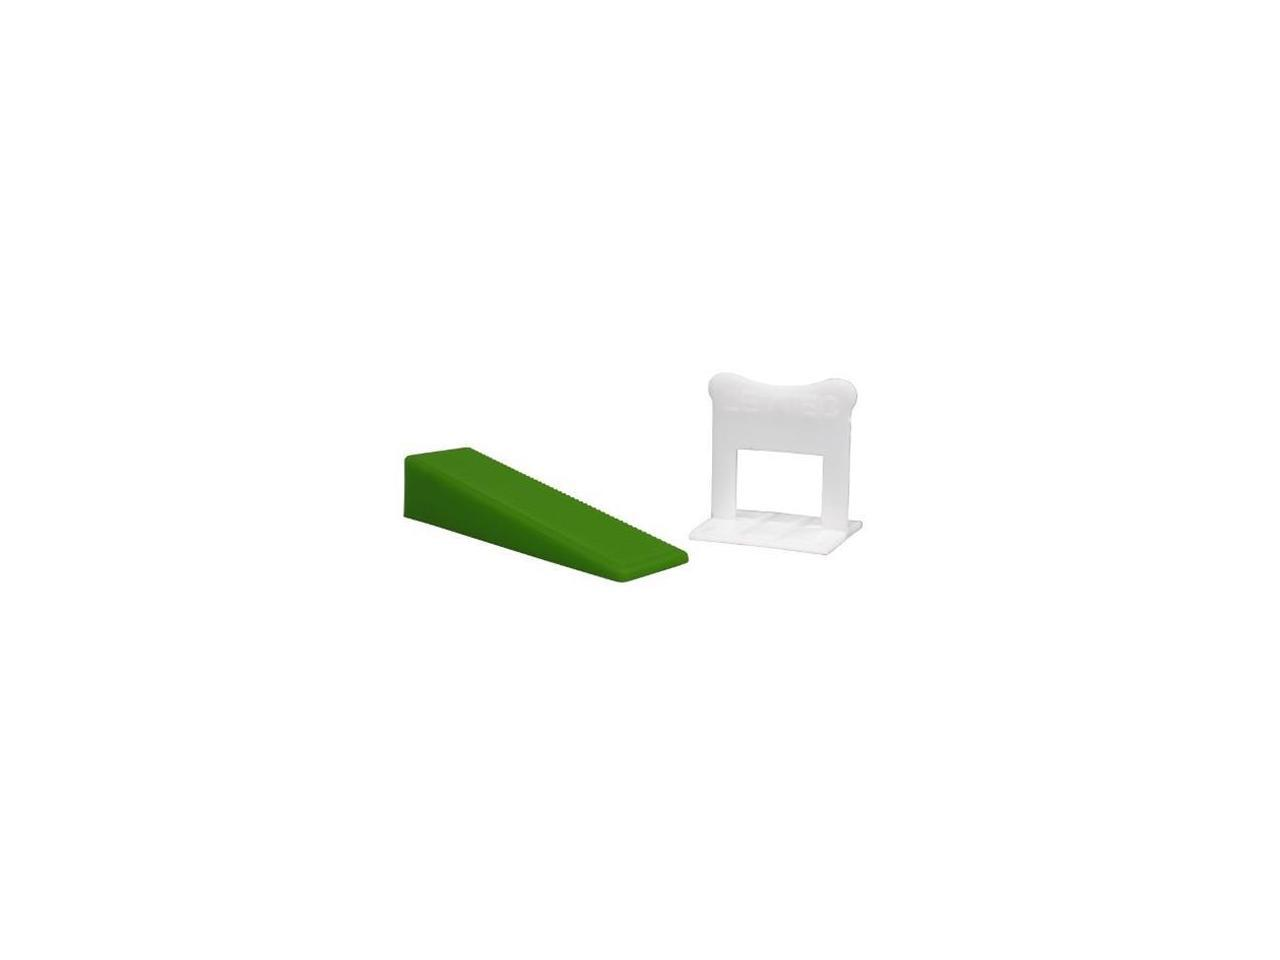 LevTec LTPLIER Tile Leveling Pliers